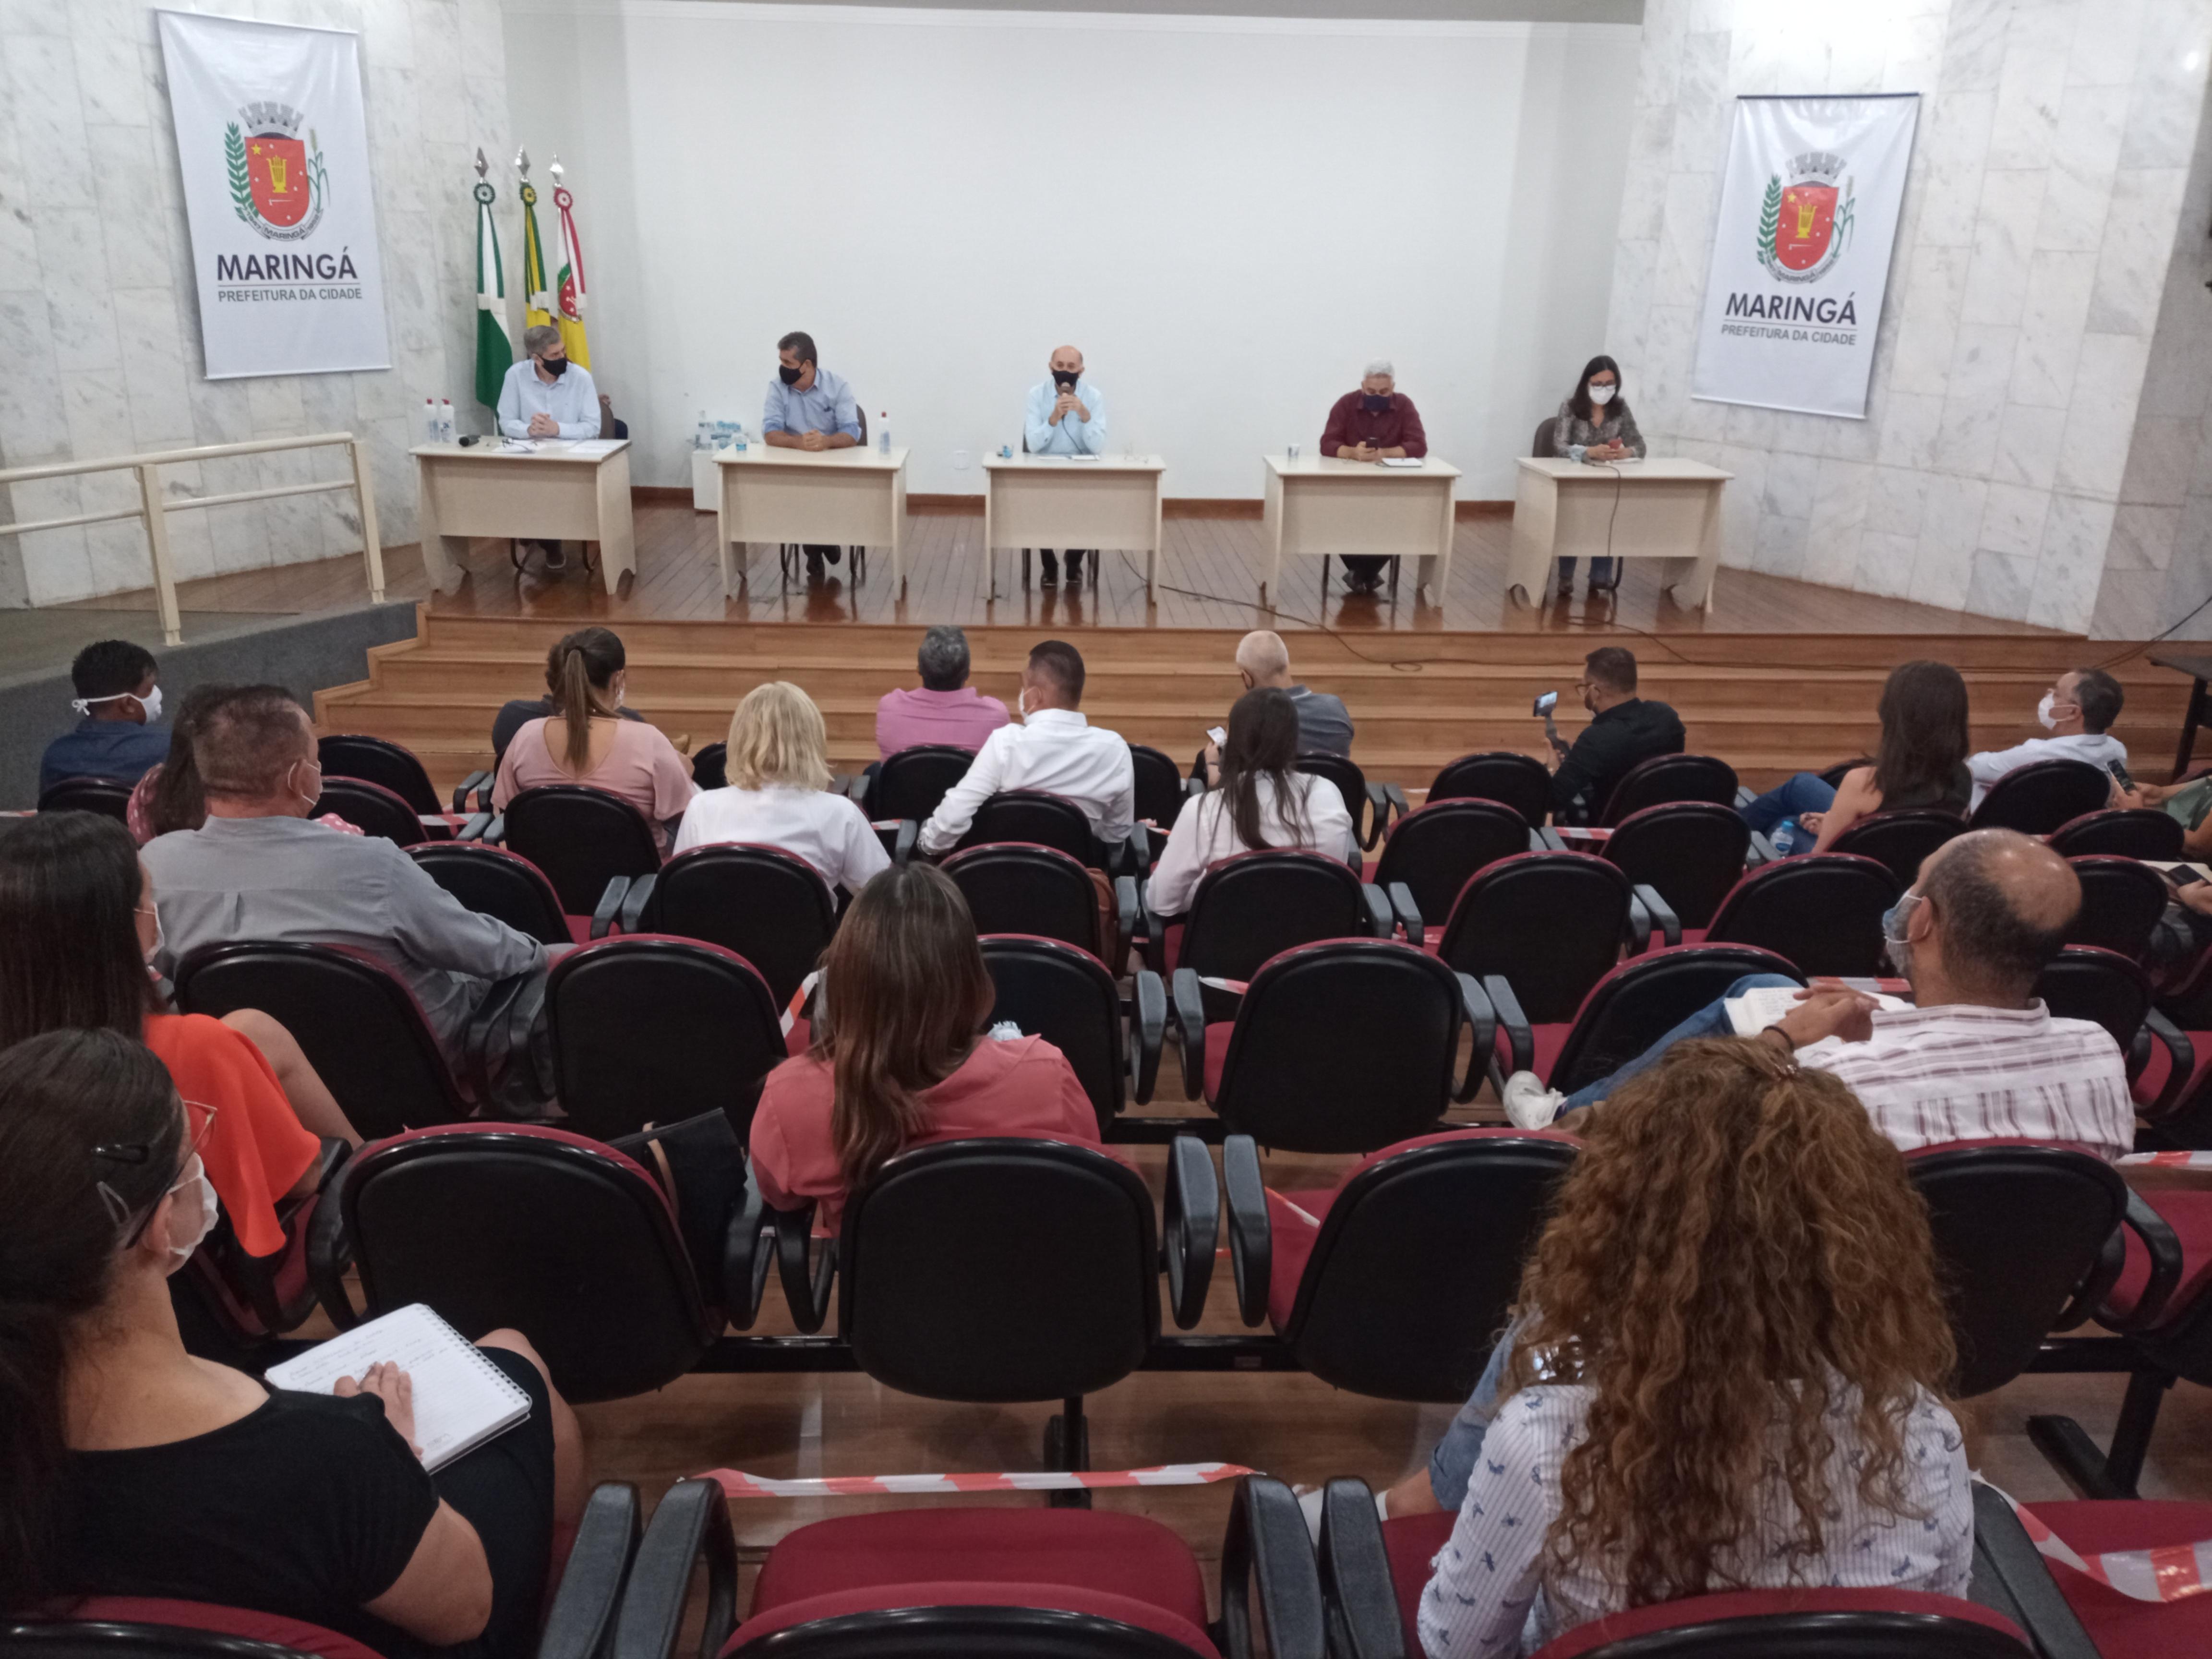 Aumento de casos e rede de Saúde, no limite, requerem ações imediatas para conter o avanço da pandemia nos municípios da área de abrangência da Associação